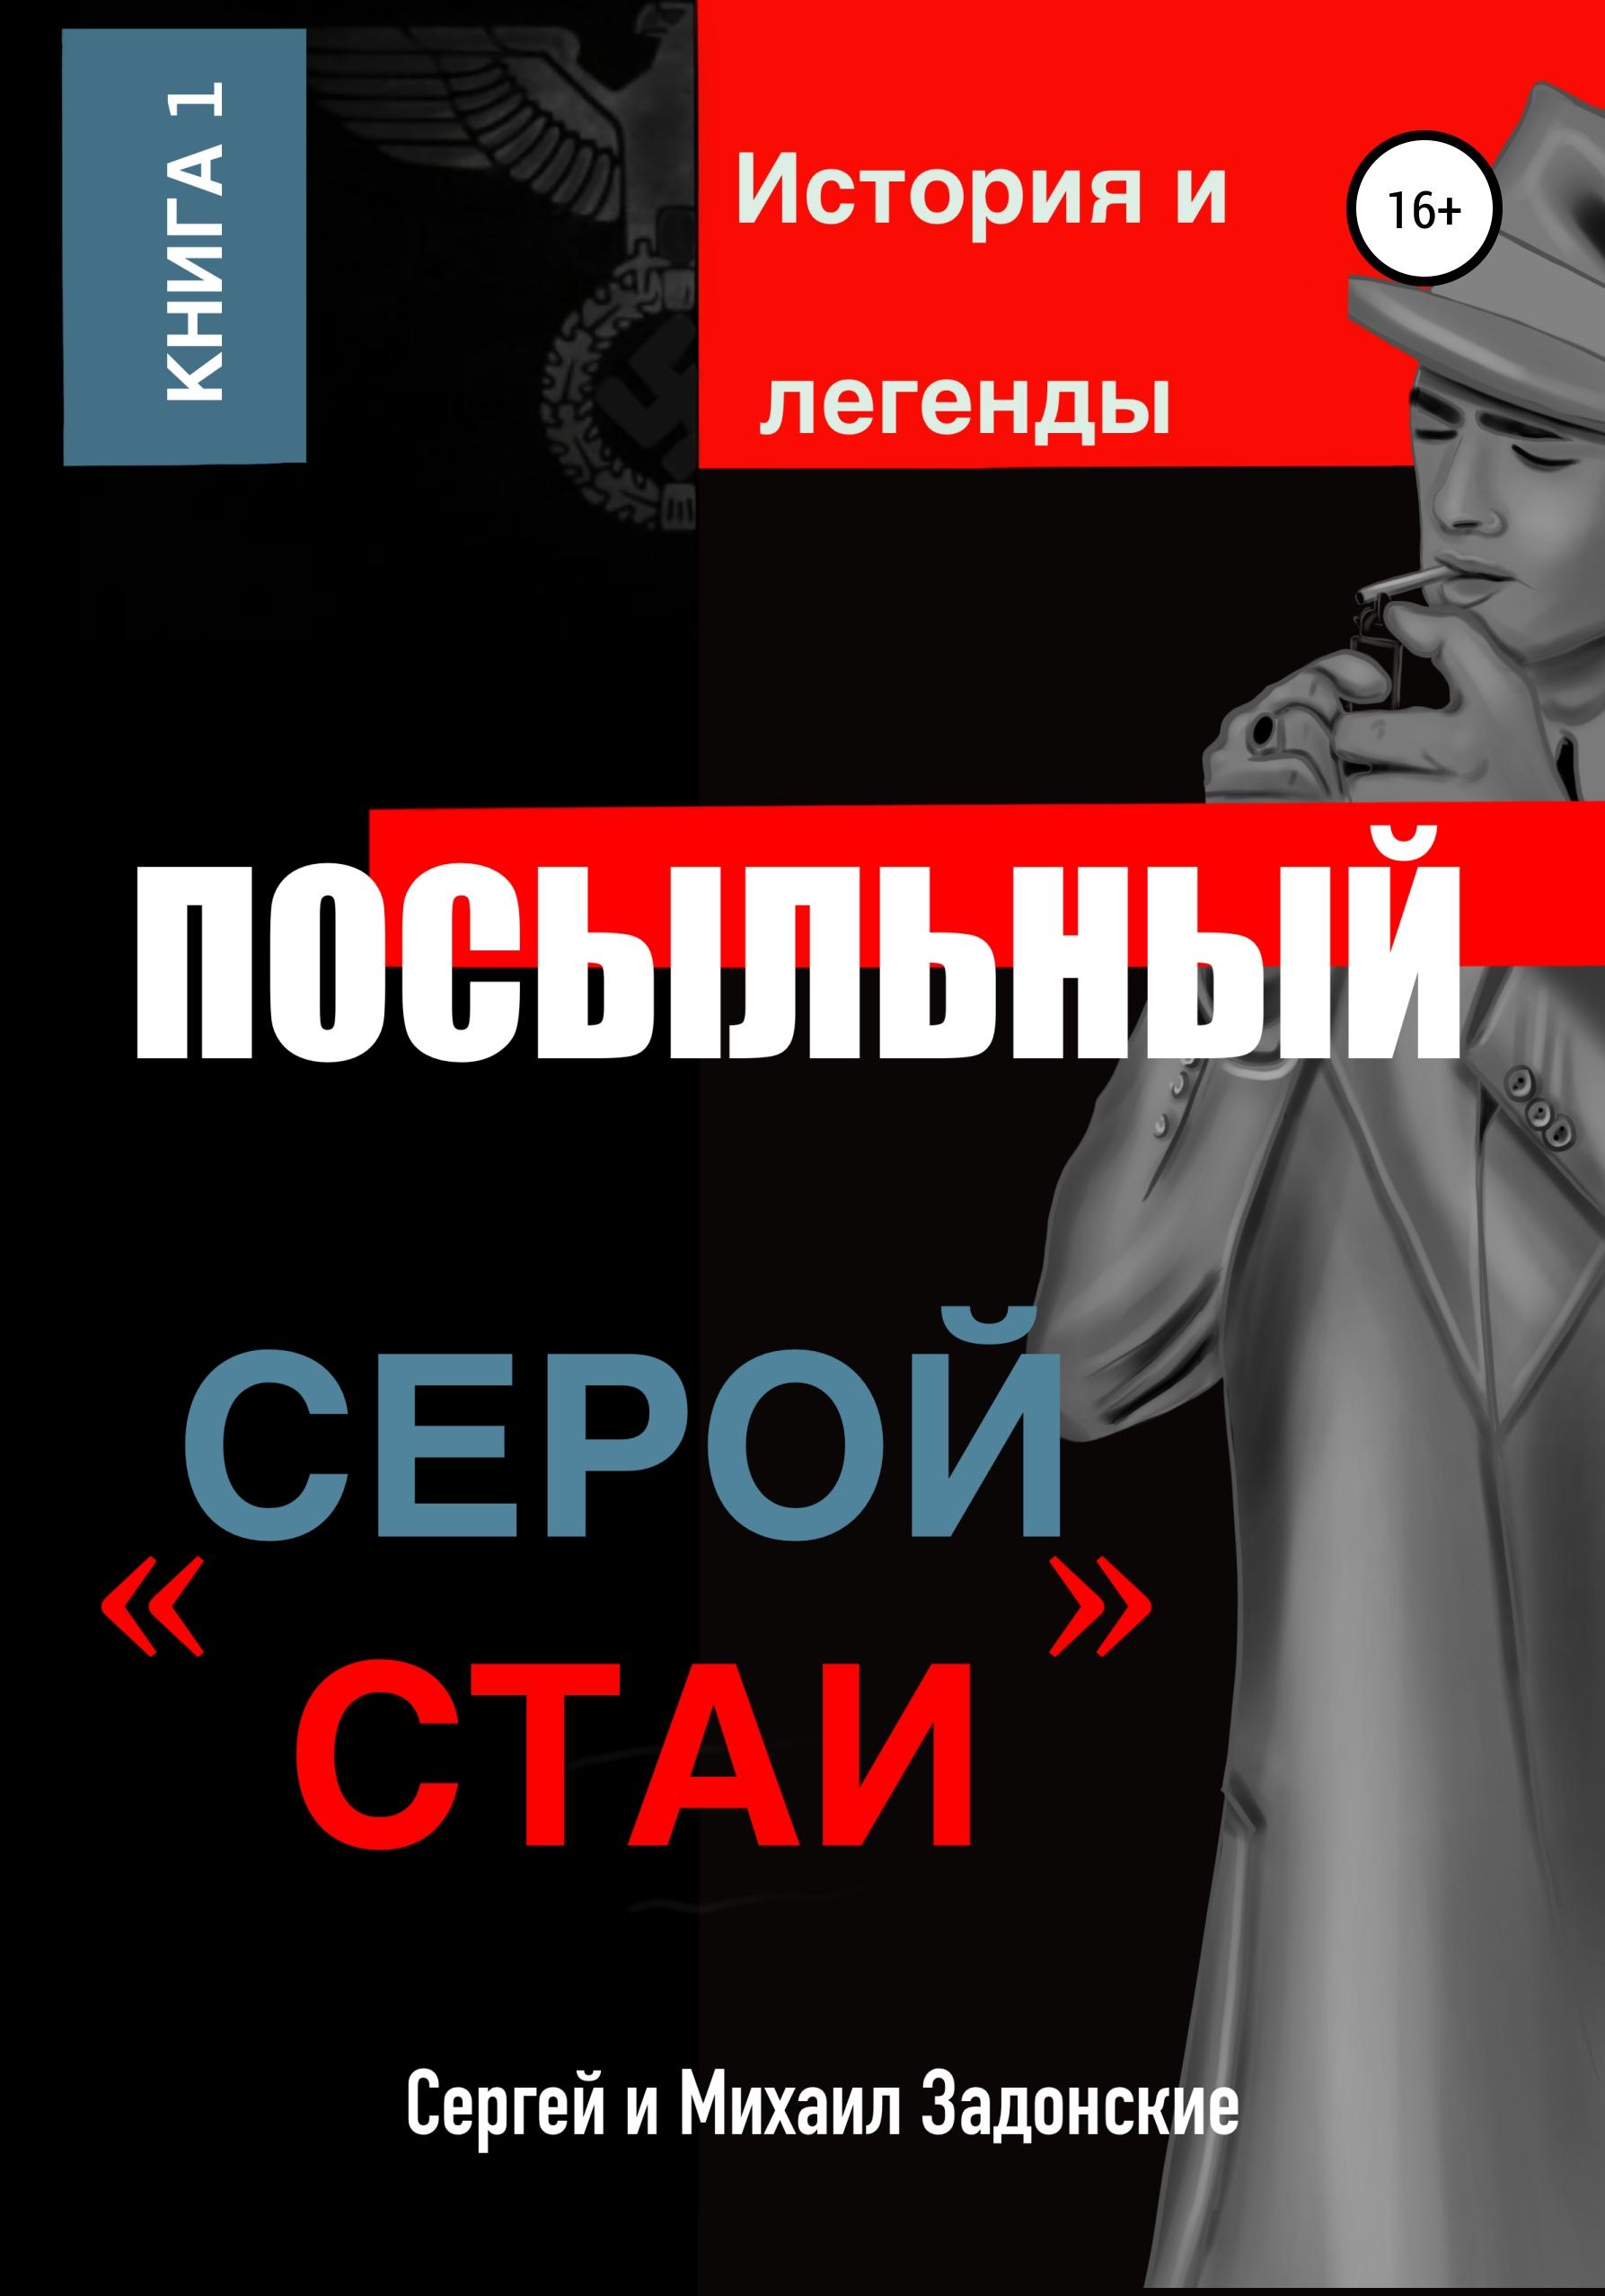 Сергей Задонский, Михаил Задонский - Посыльный «серой стаи»